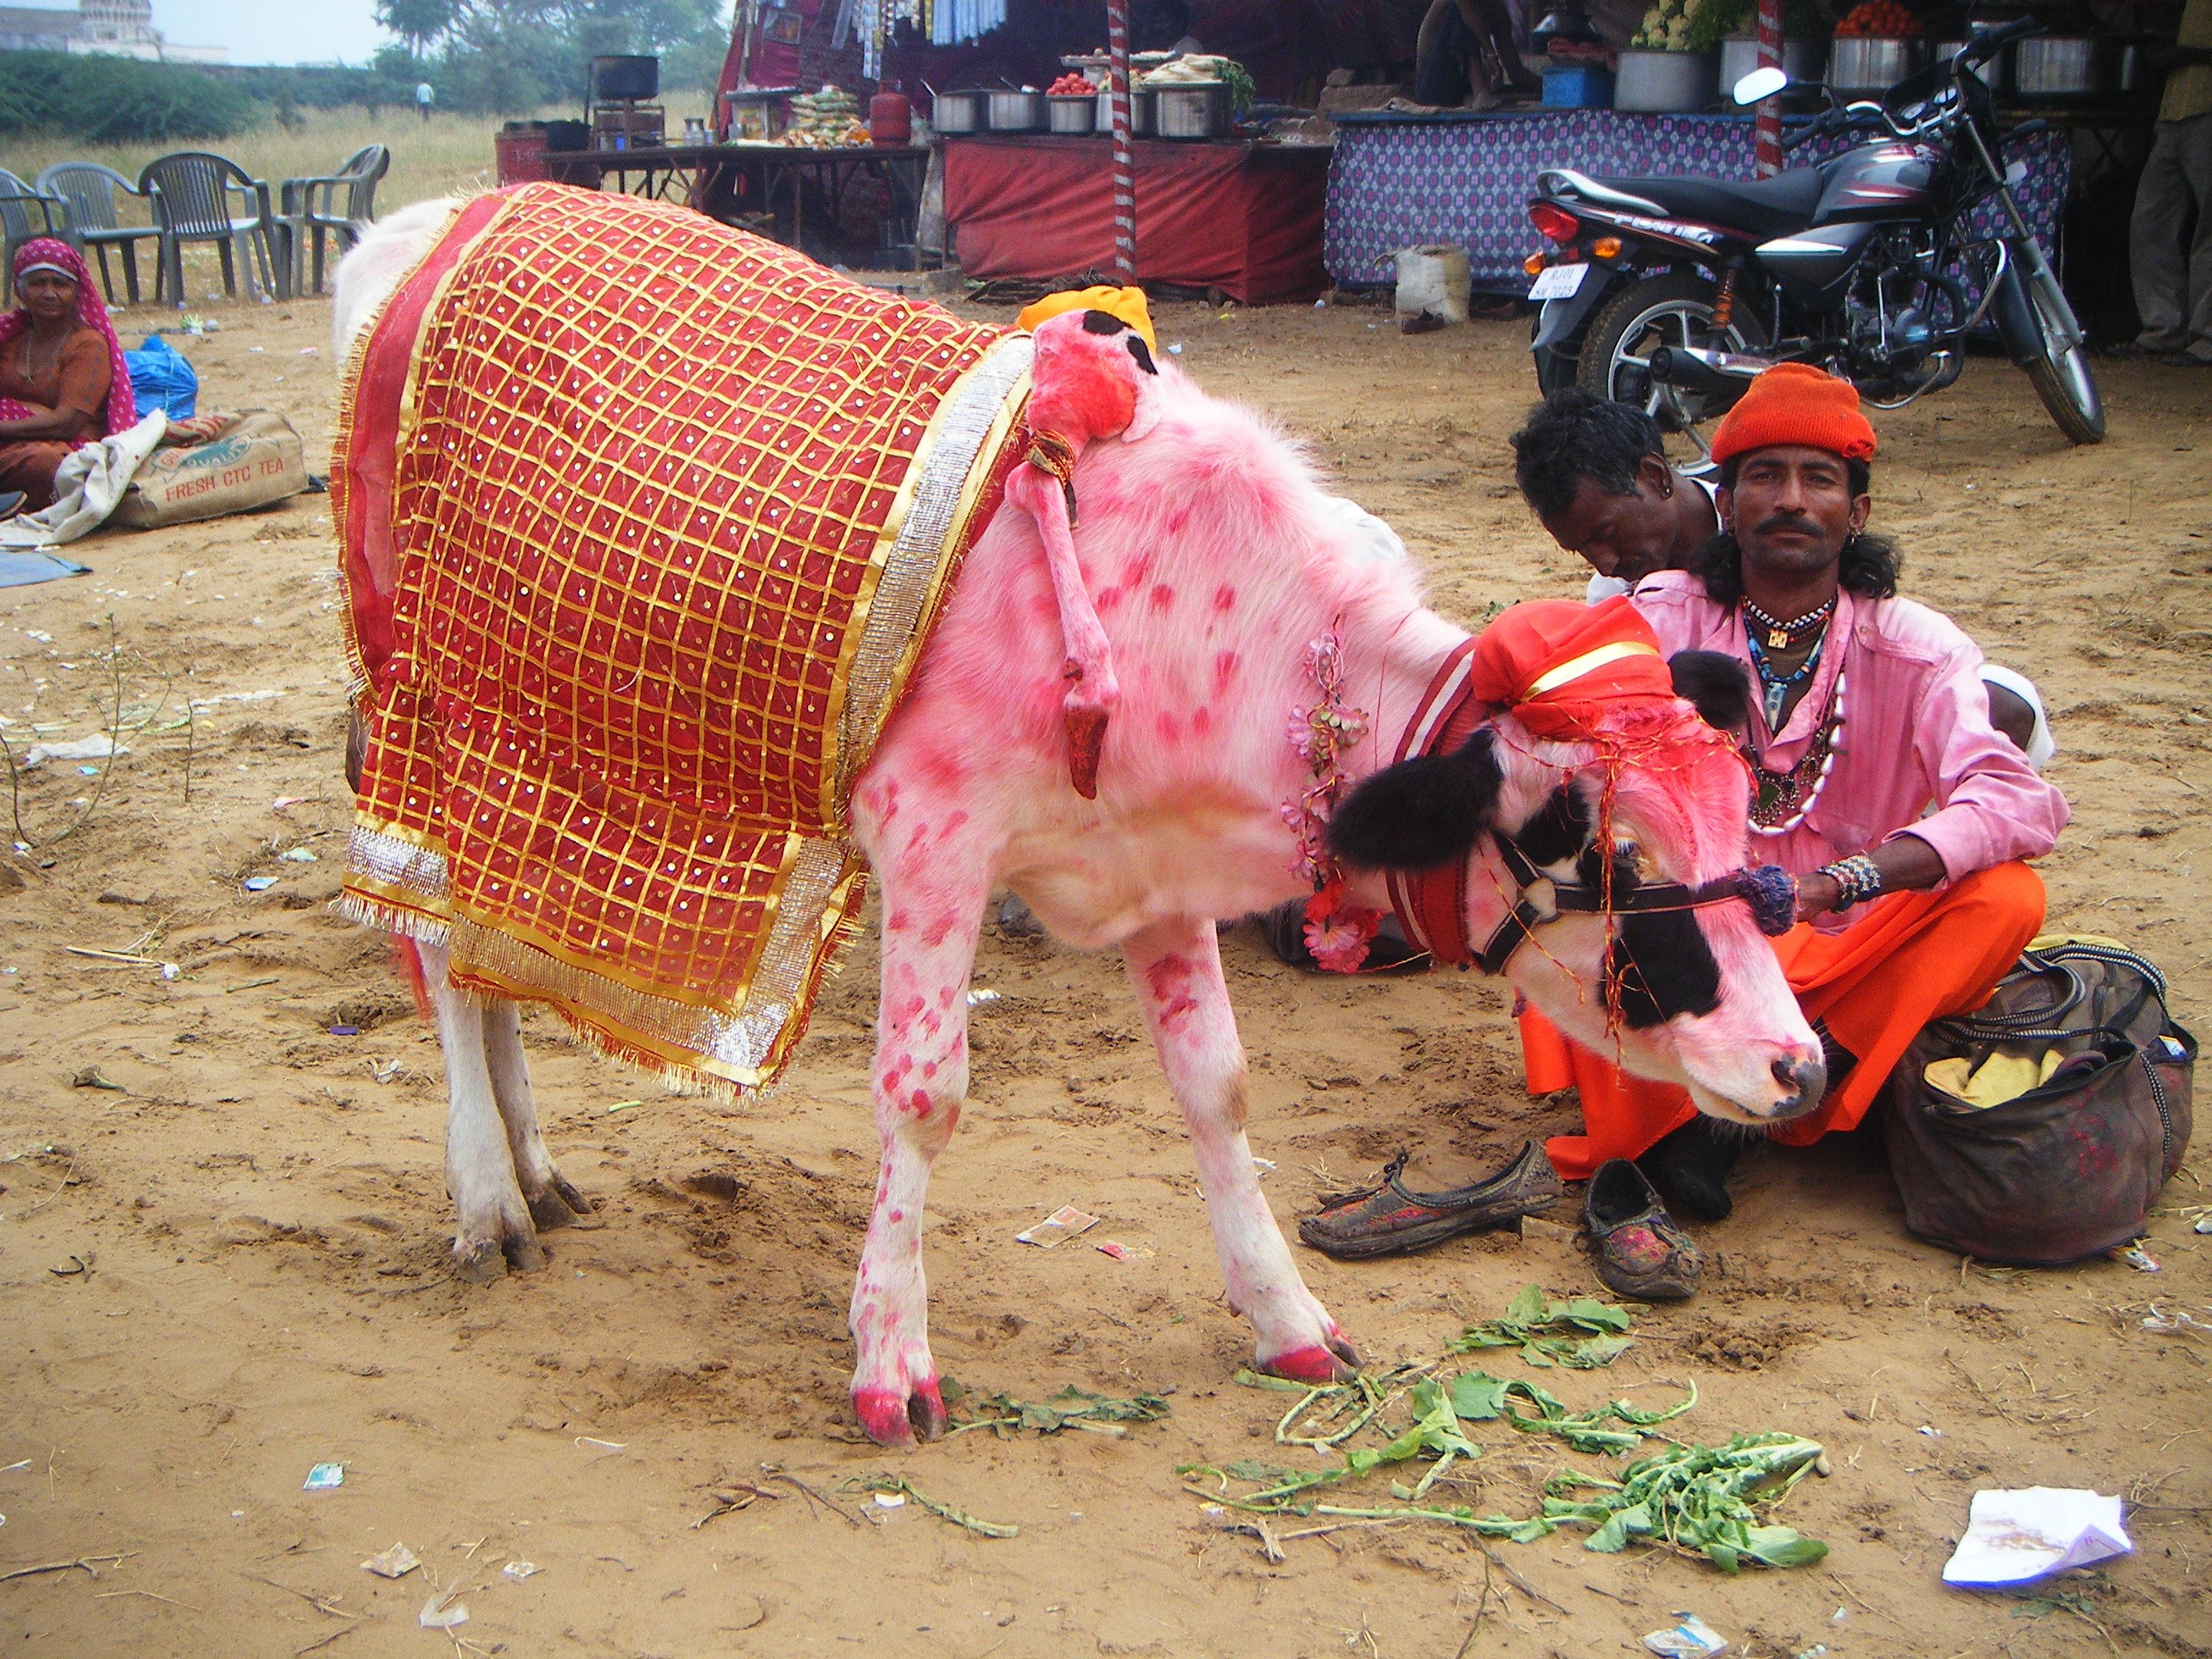 La grande foire de Pushkar, quand des chevaux aux yeux bleus observent les chameaux grimés ou les vaches roses